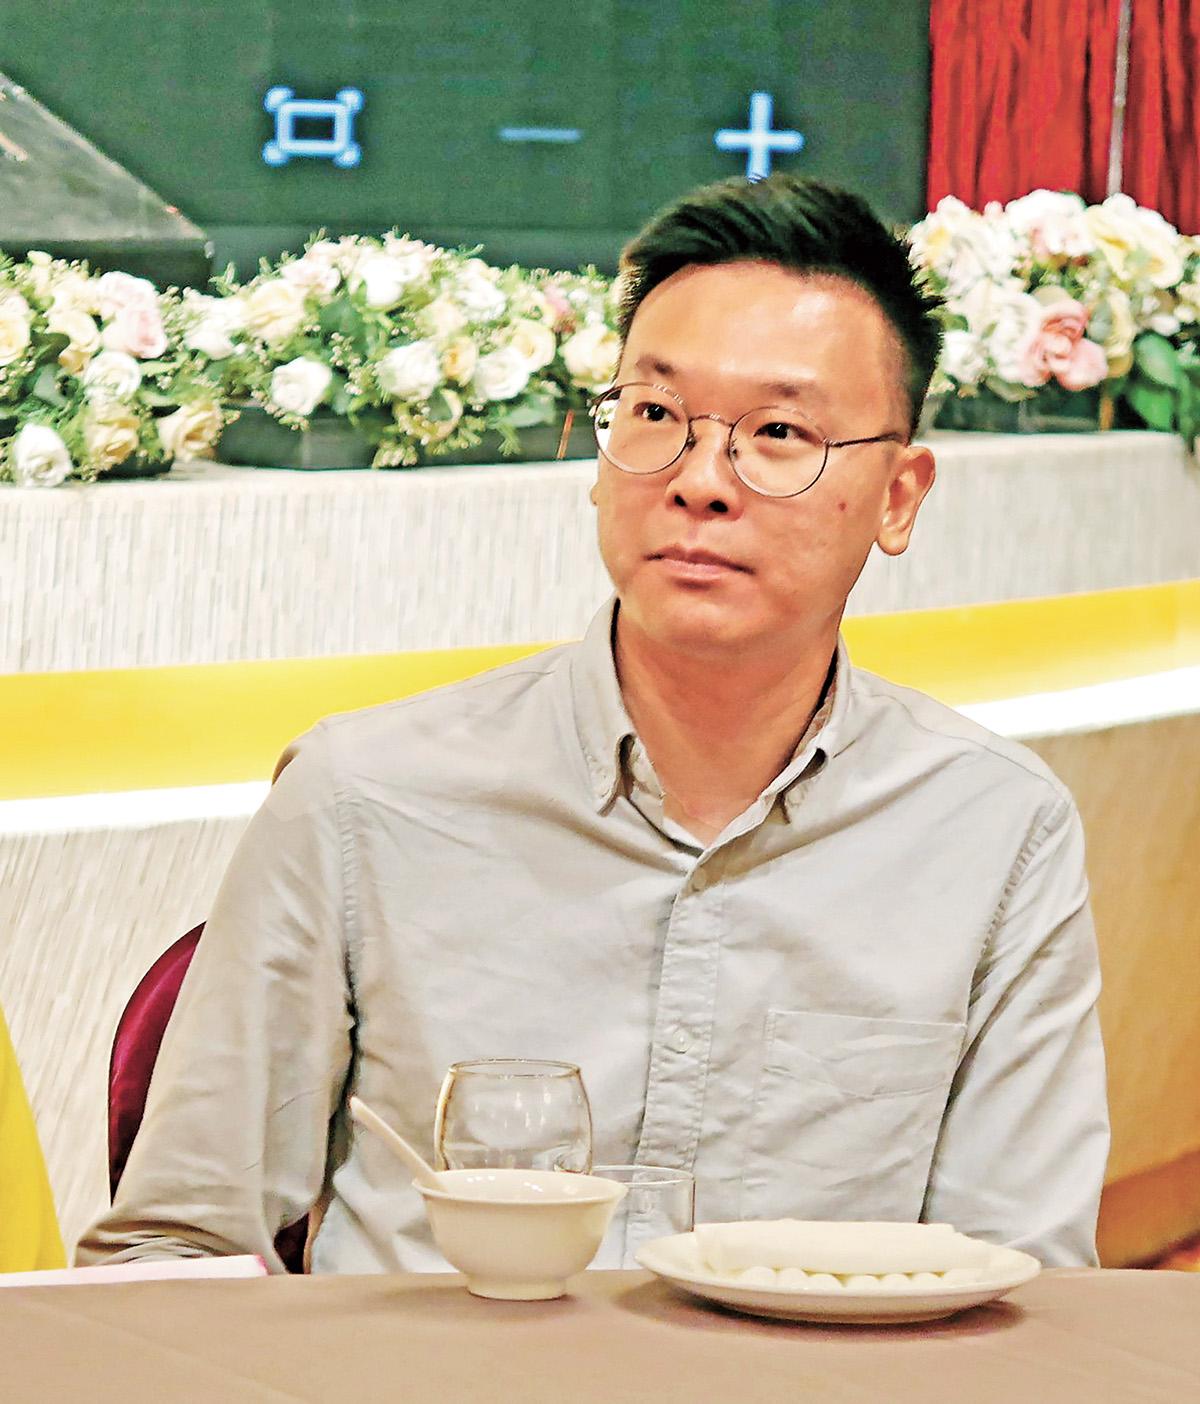 太陽花學運領袖林飛帆傳出將接任民進黨副秘書長。 中央社